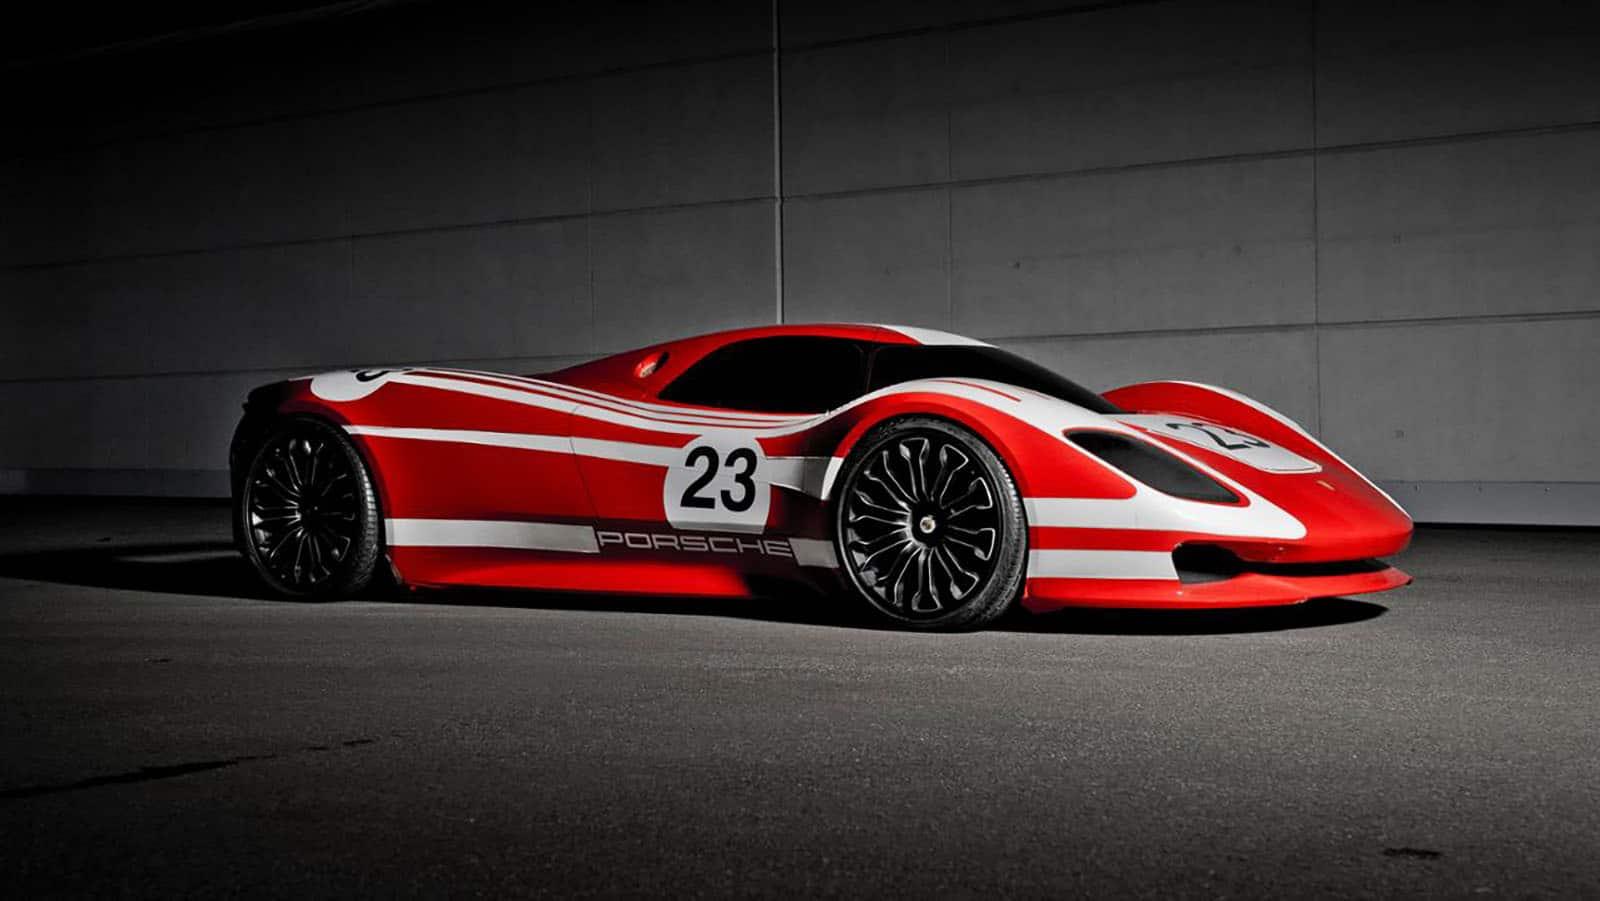 Porsche 917 Concept Image